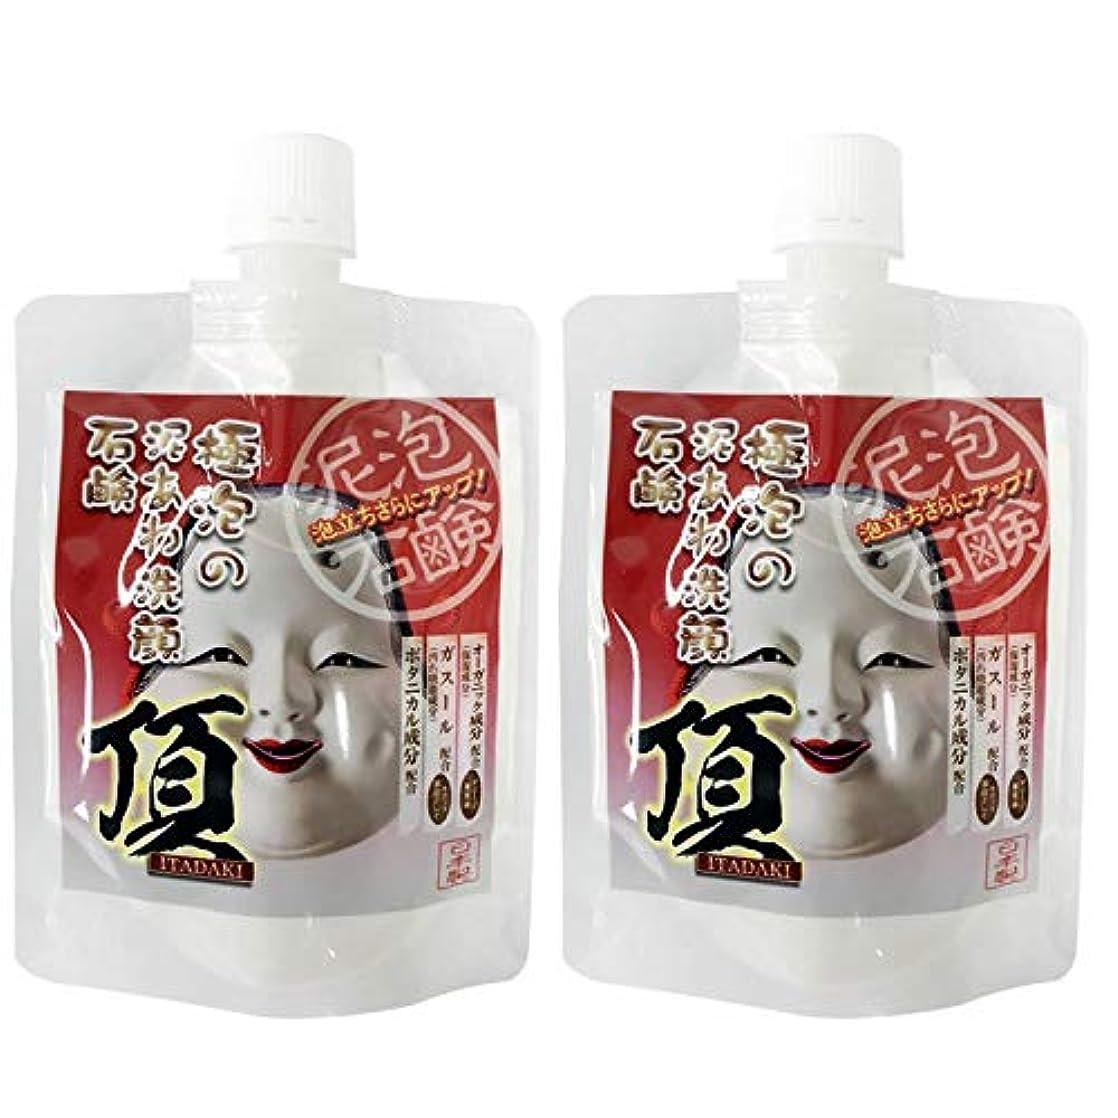 白菜収容する教育極泡の泥あわ洗顔石鹸 頂 130g×2 ガスール 豆乳 ボタニカル 酒粕 エキス配合